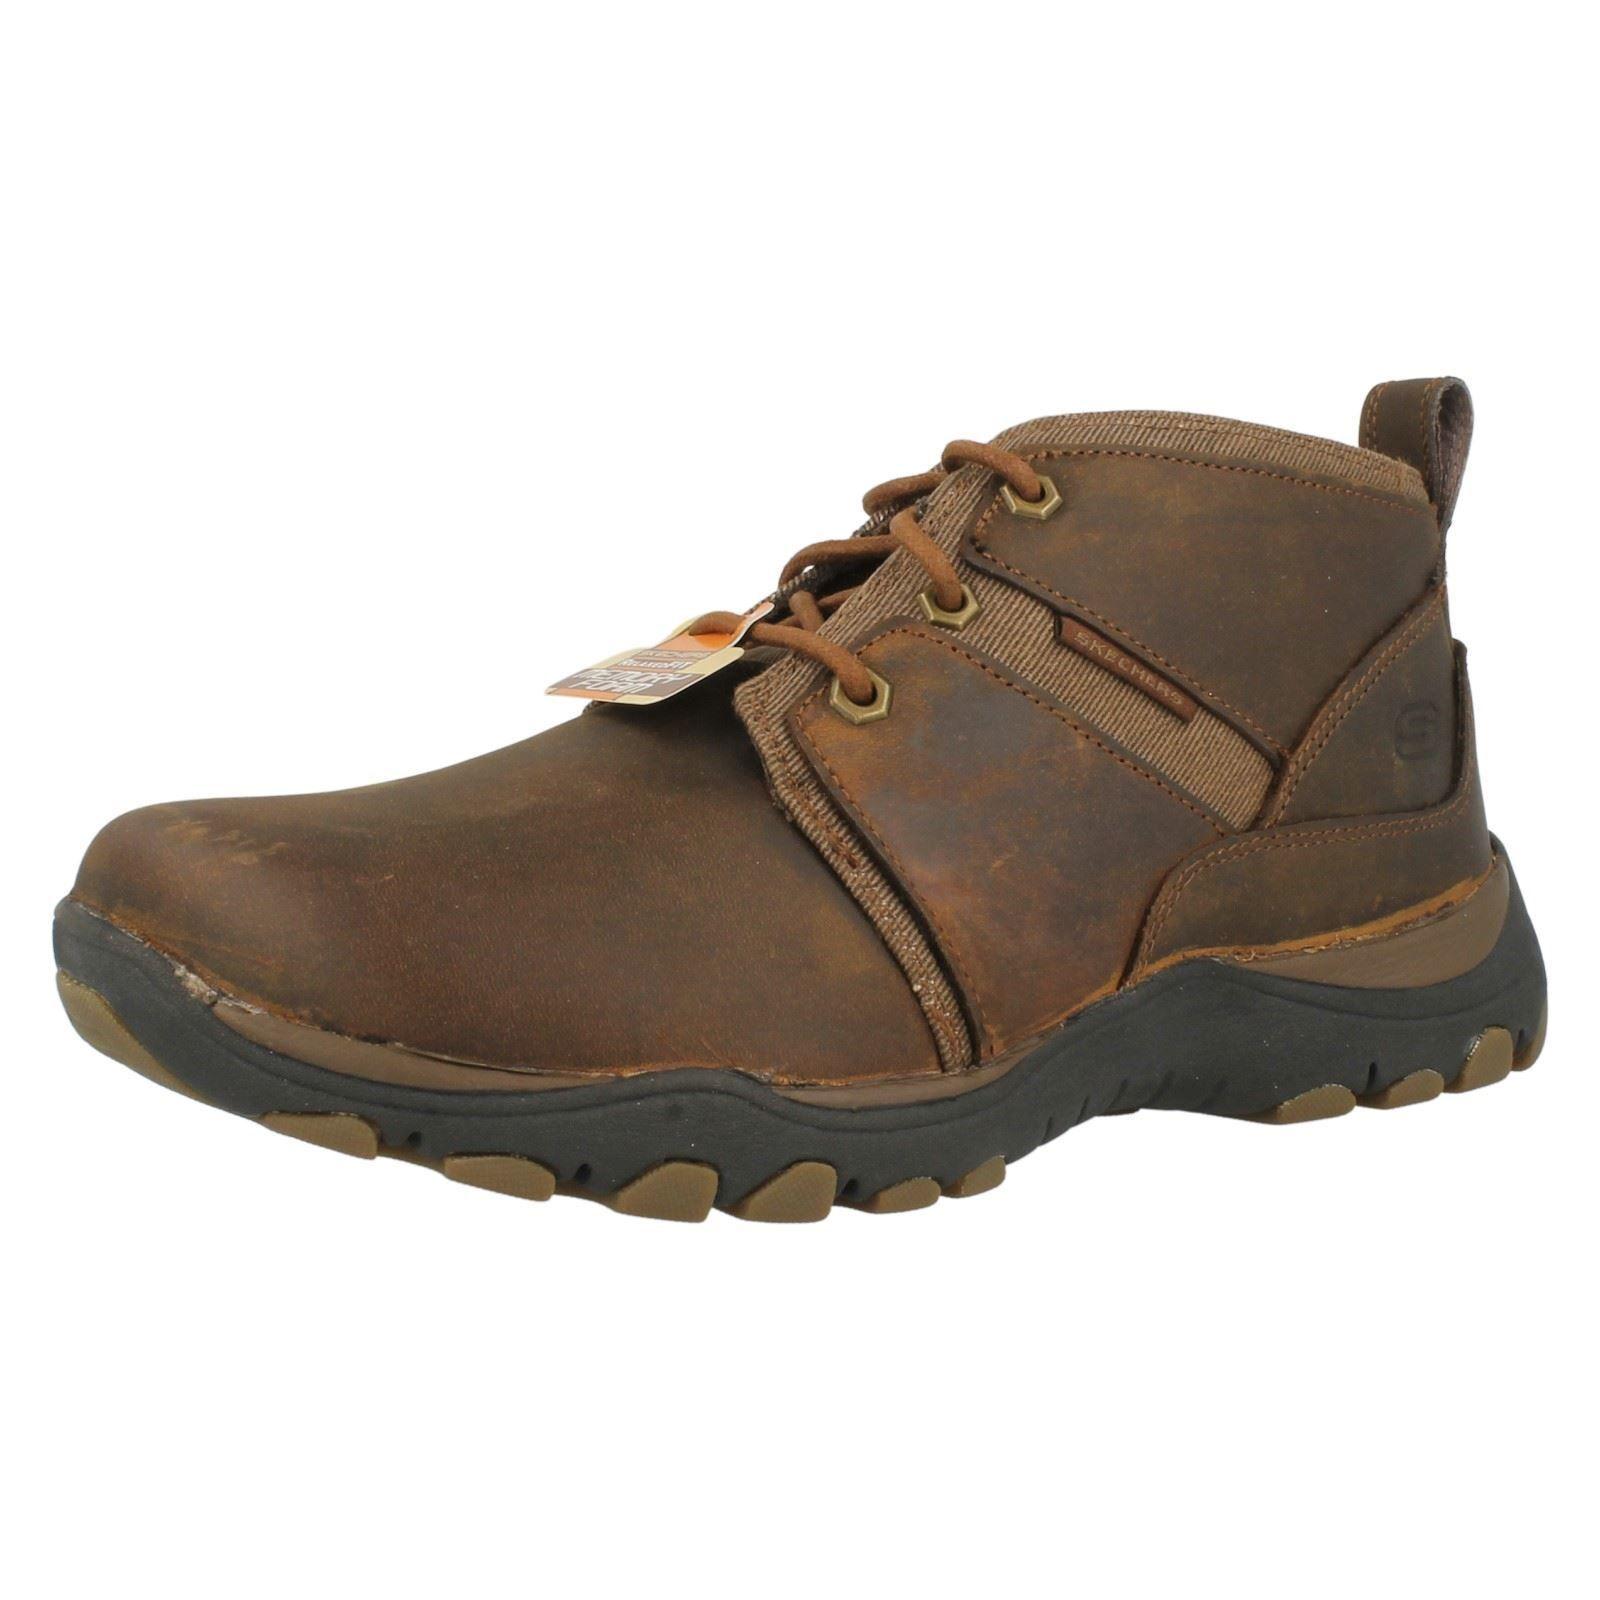 Casual salvaje Reducción de precio zapatillas running adidas duramo 9